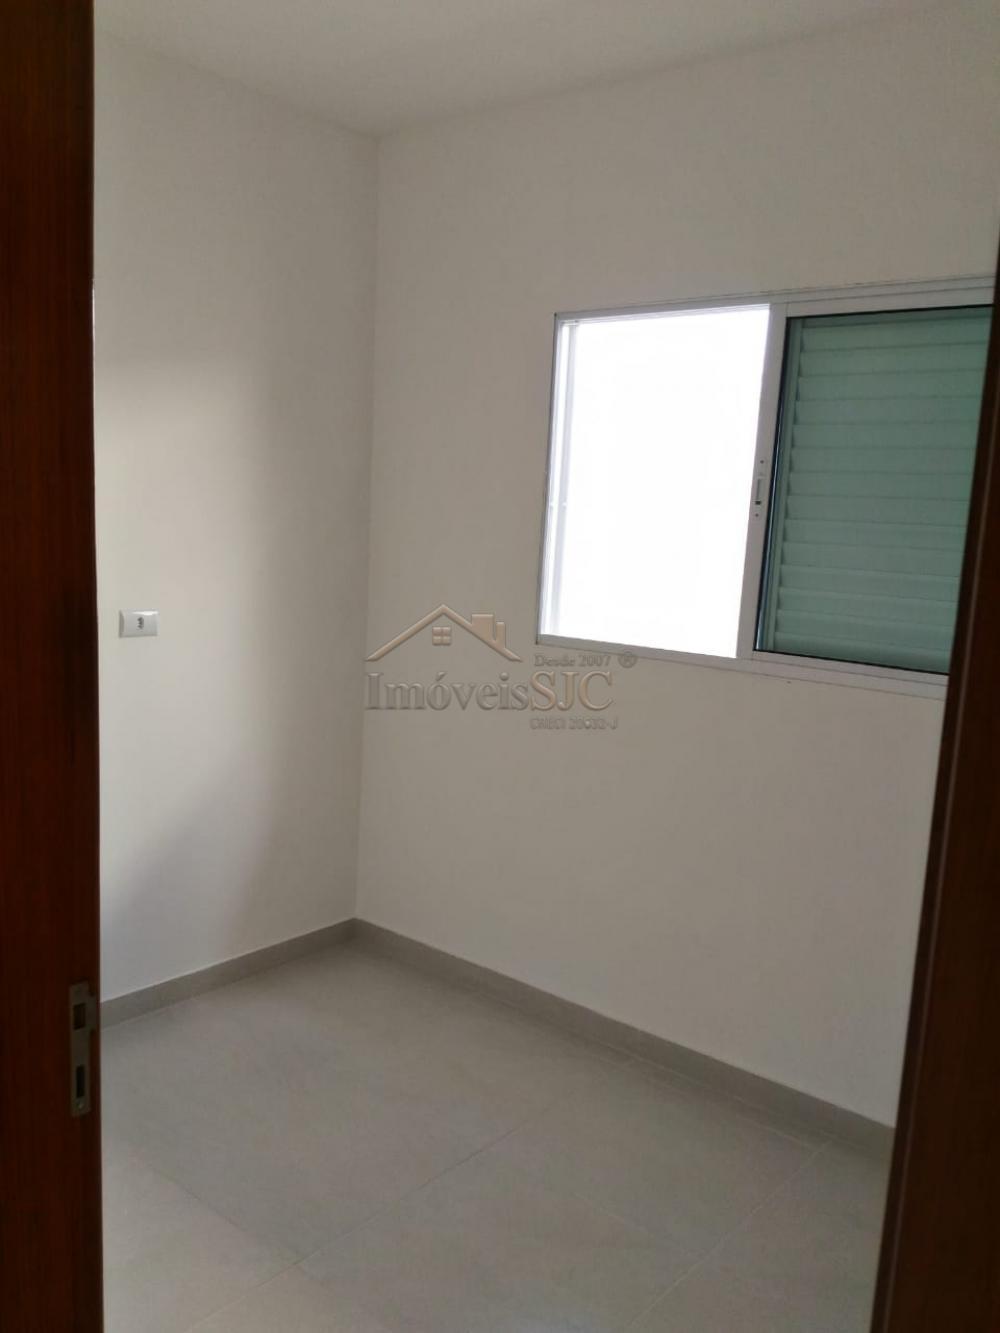 Comprar Casas / Padrão em São José dos Campos apenas R$ 395.000,00 - Foto 7